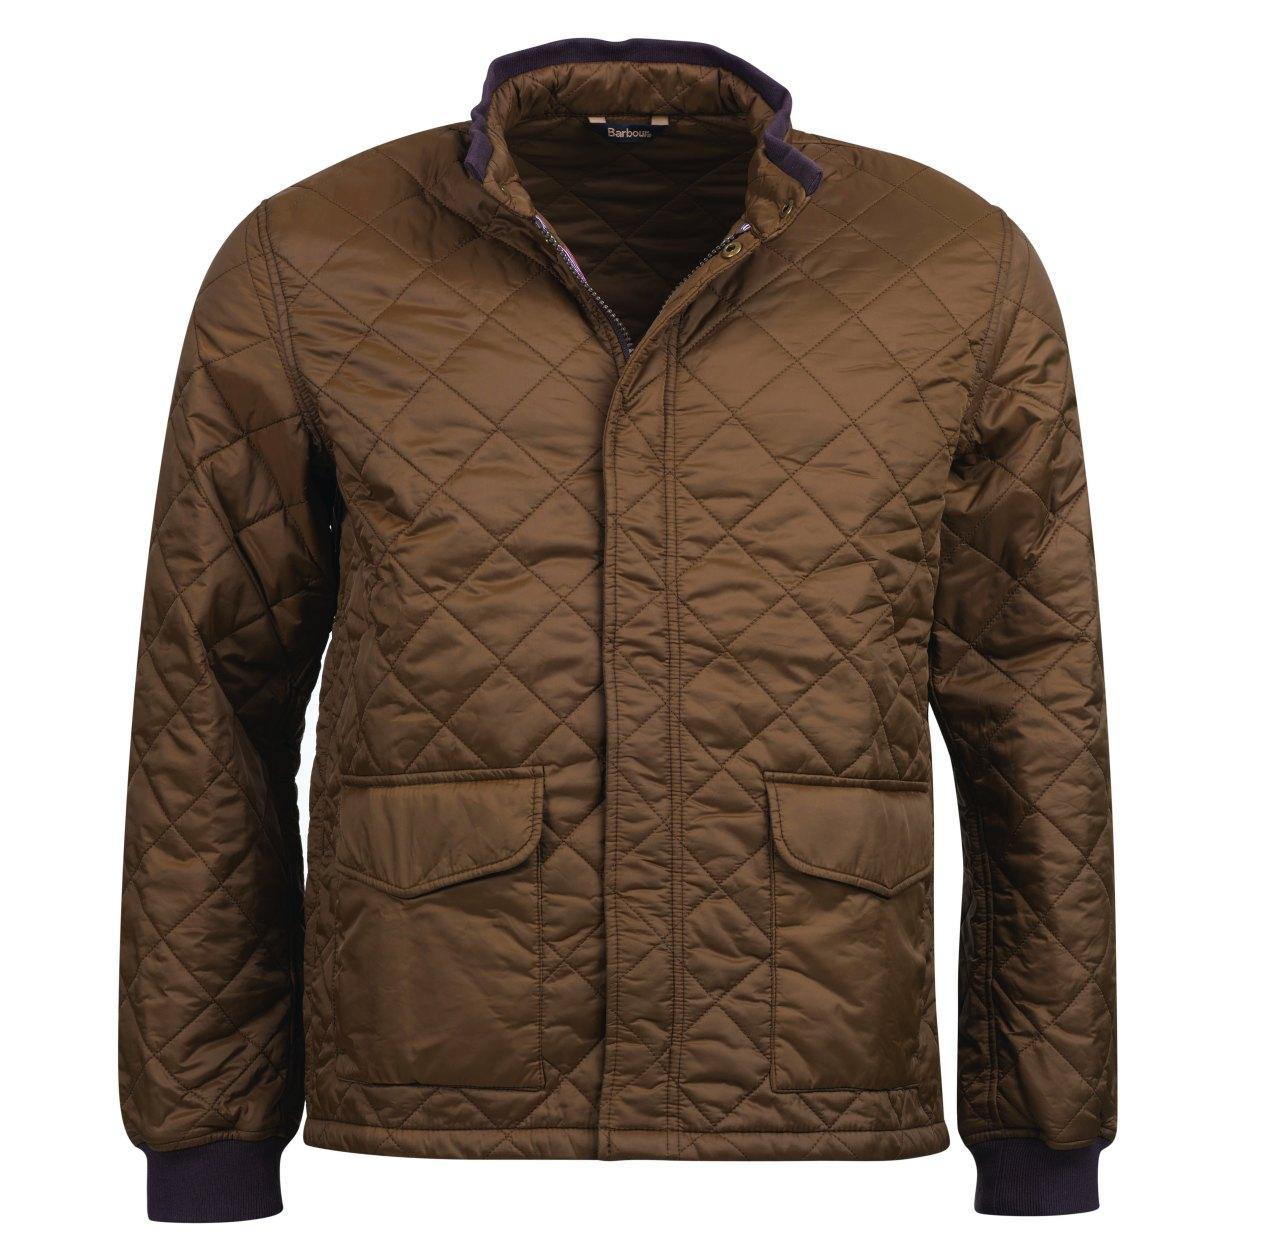 B.Intl Cross Quilt £149 MQU0974